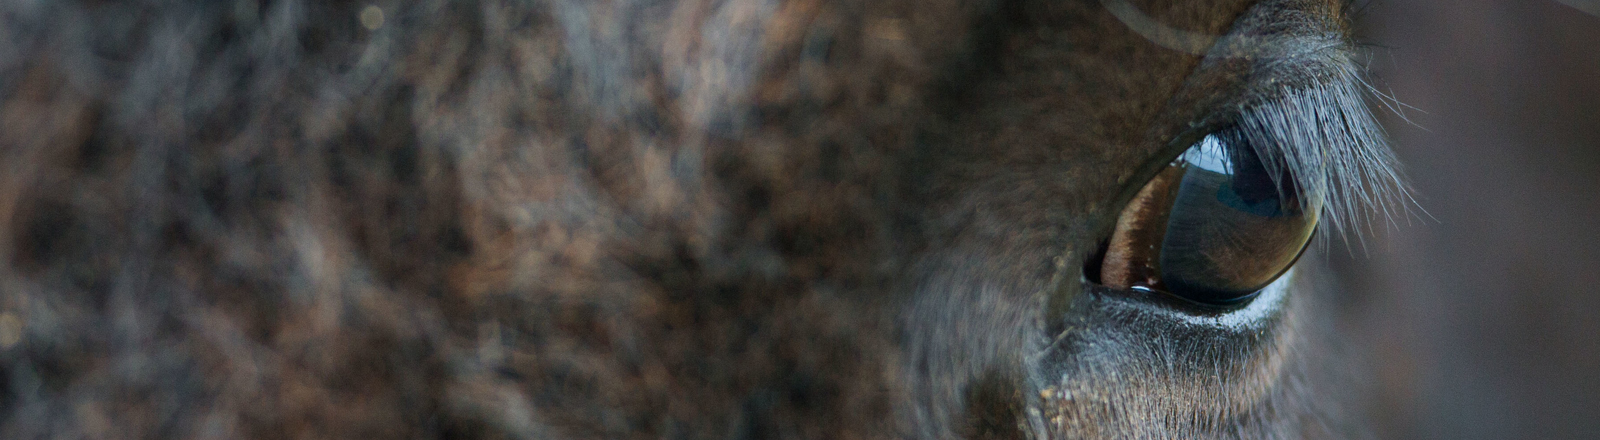 Portraitaufnahme eines Bisons, Detail